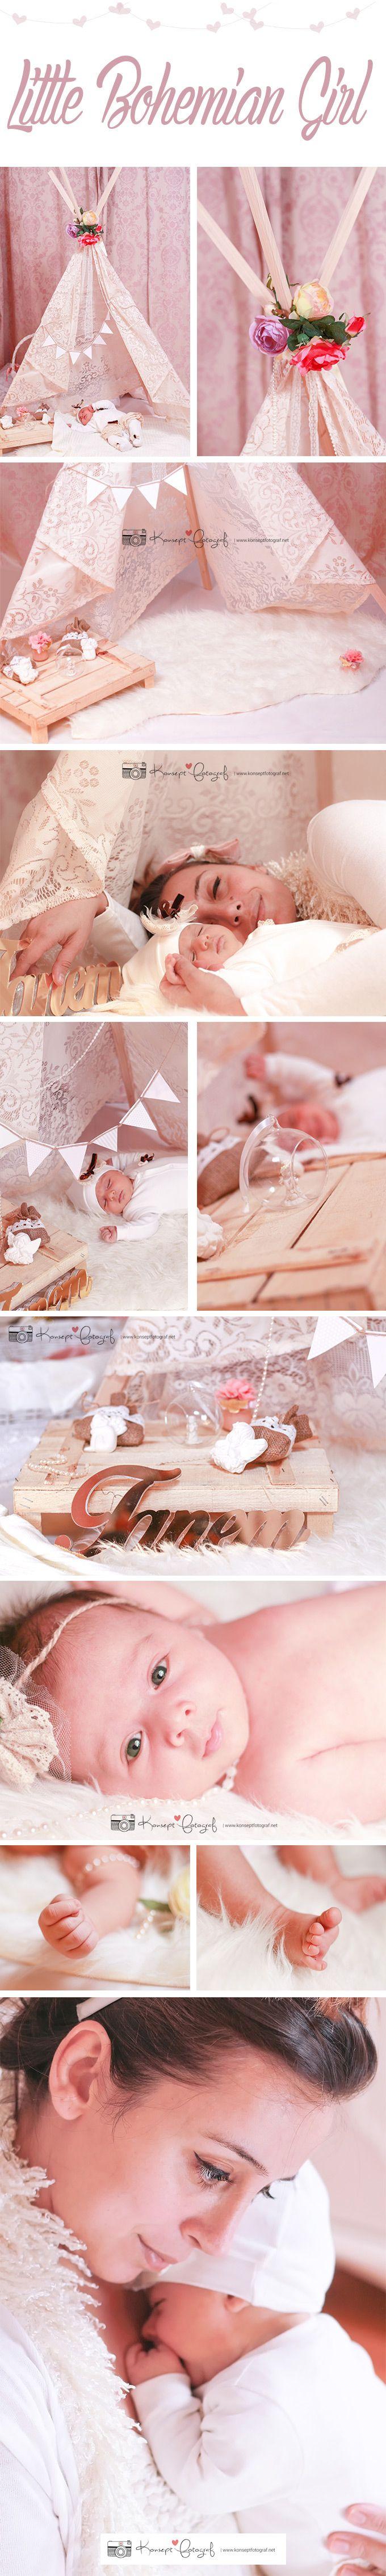 Yeni doğan çekimi #baby #bebekfoğrafı #konseptbebekftoğrafı #konsept #babyphotography #kidsphotography #photograph #konseptbebekçekimi #konseptfotograf #bohembaby #bohemphotography